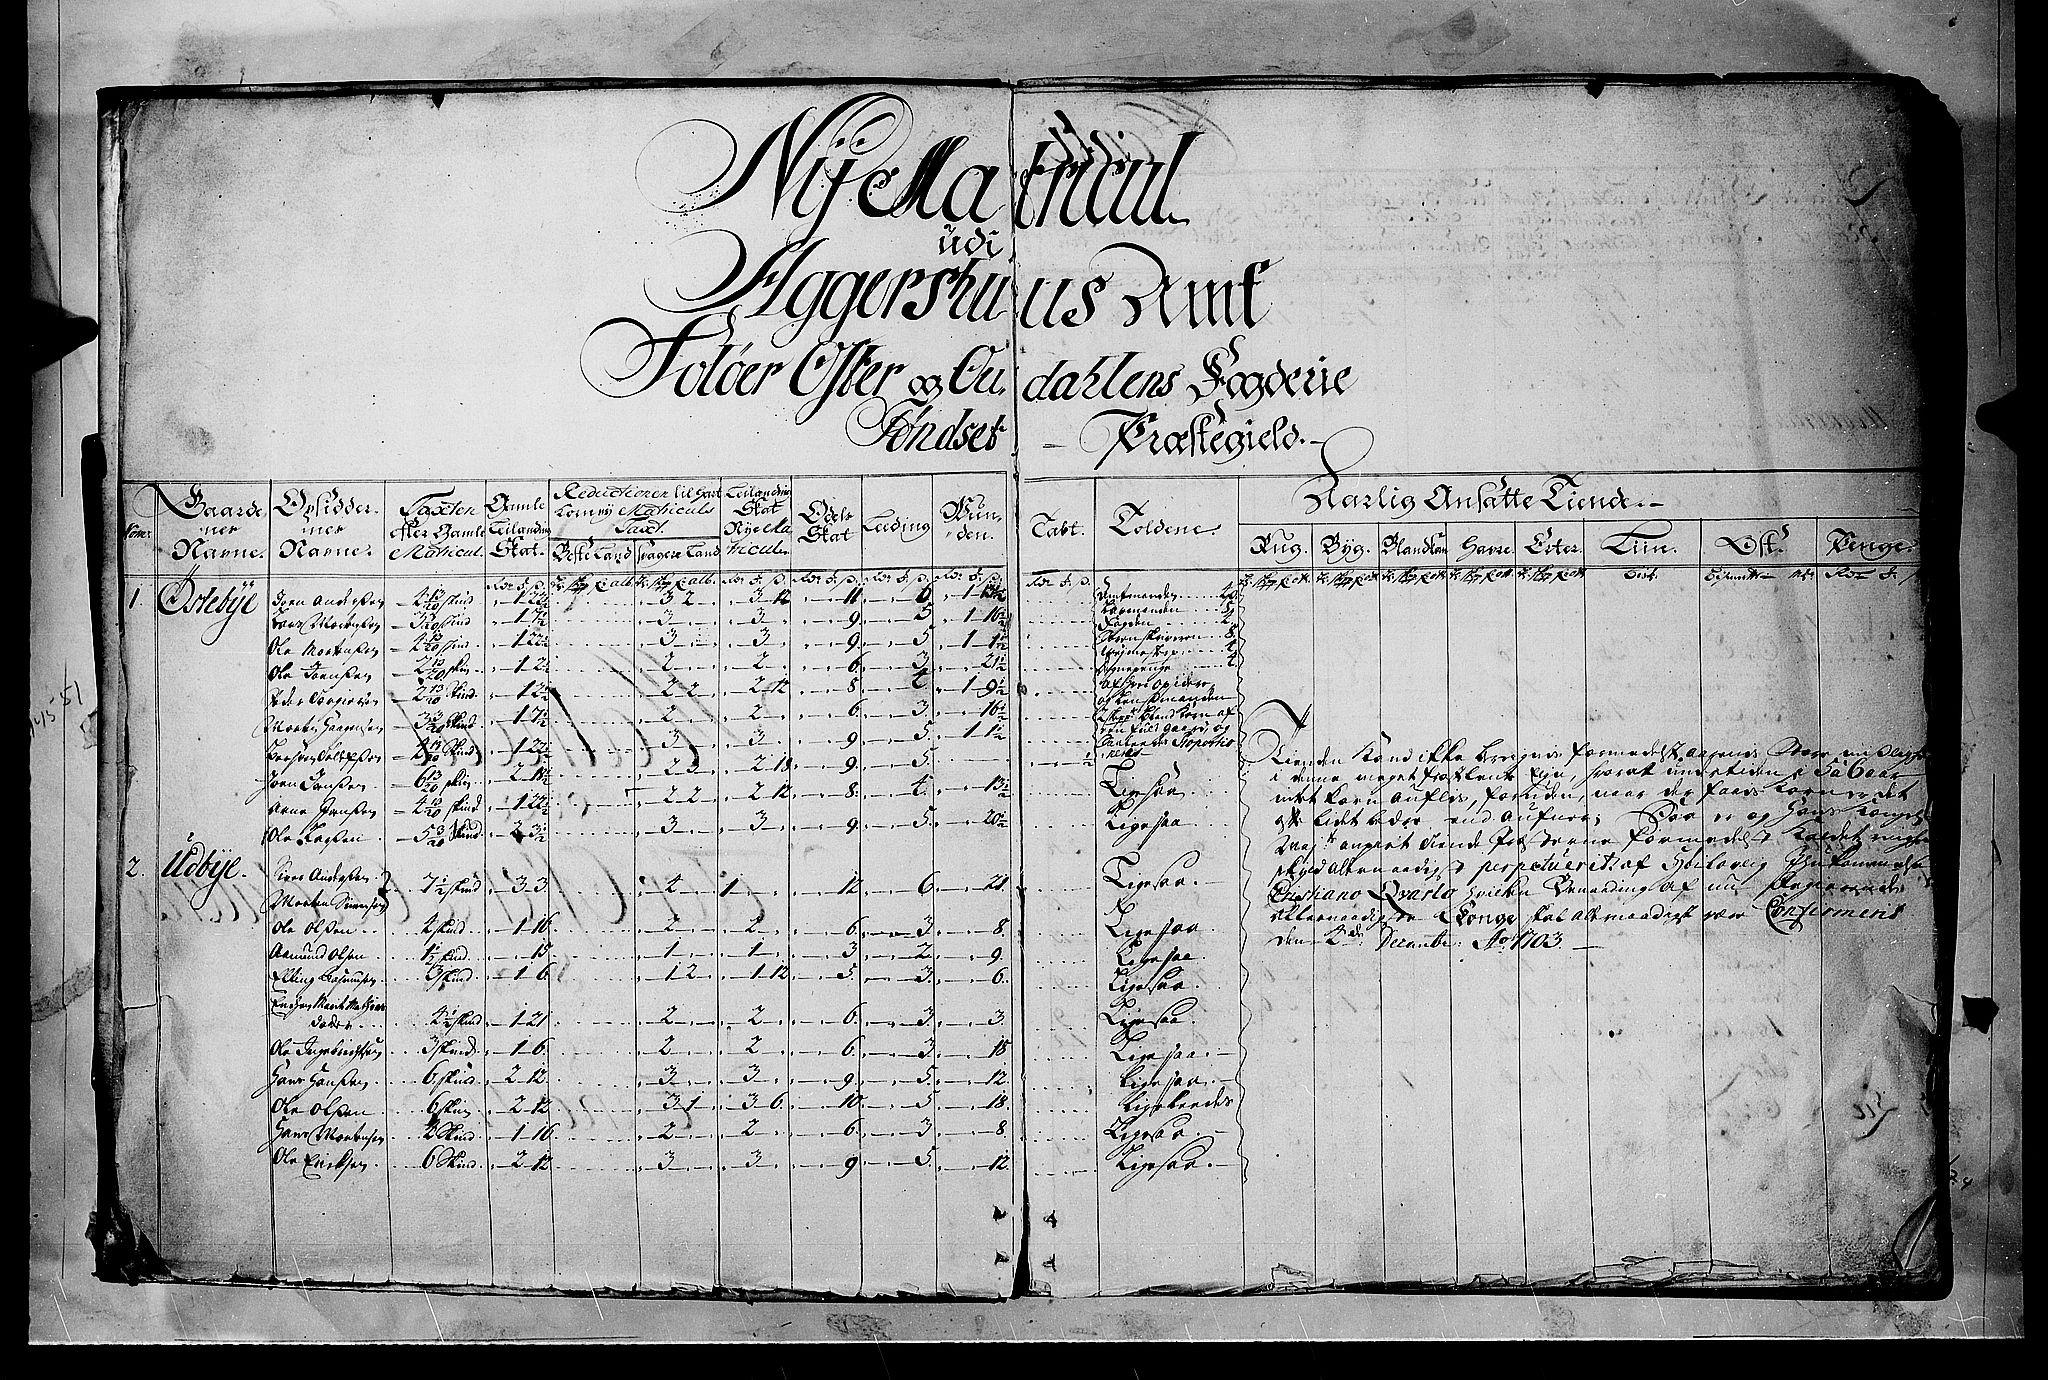 RA, Rentekammeret inntil 1814, Realistisk ordnet avdeling, N/Nb/Nbf/L0102: Solør, Østerdalen og Odal matrikkelprotokoll, 1723, s. 2b-3a